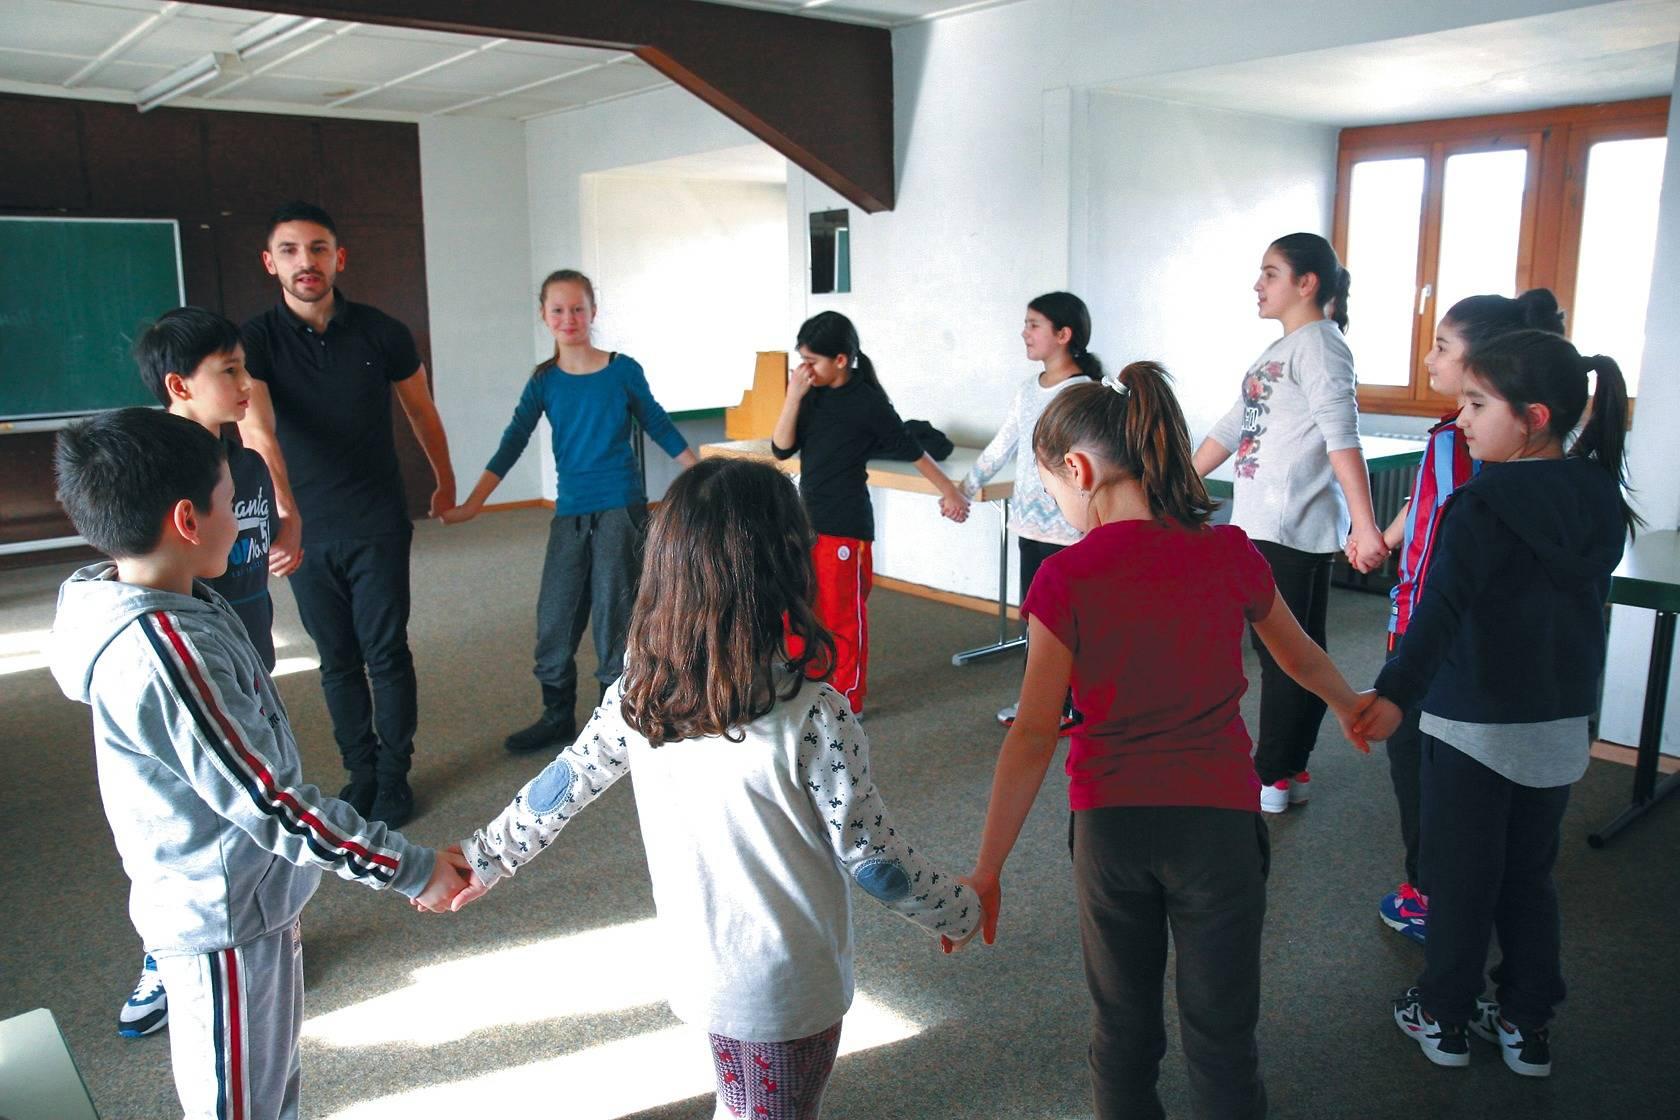 in sandhausen lernen kinder tanzend die t rkische kultur und sprache nachrichten region. Black Bedroom Furniture Sets. Home Design Ideas